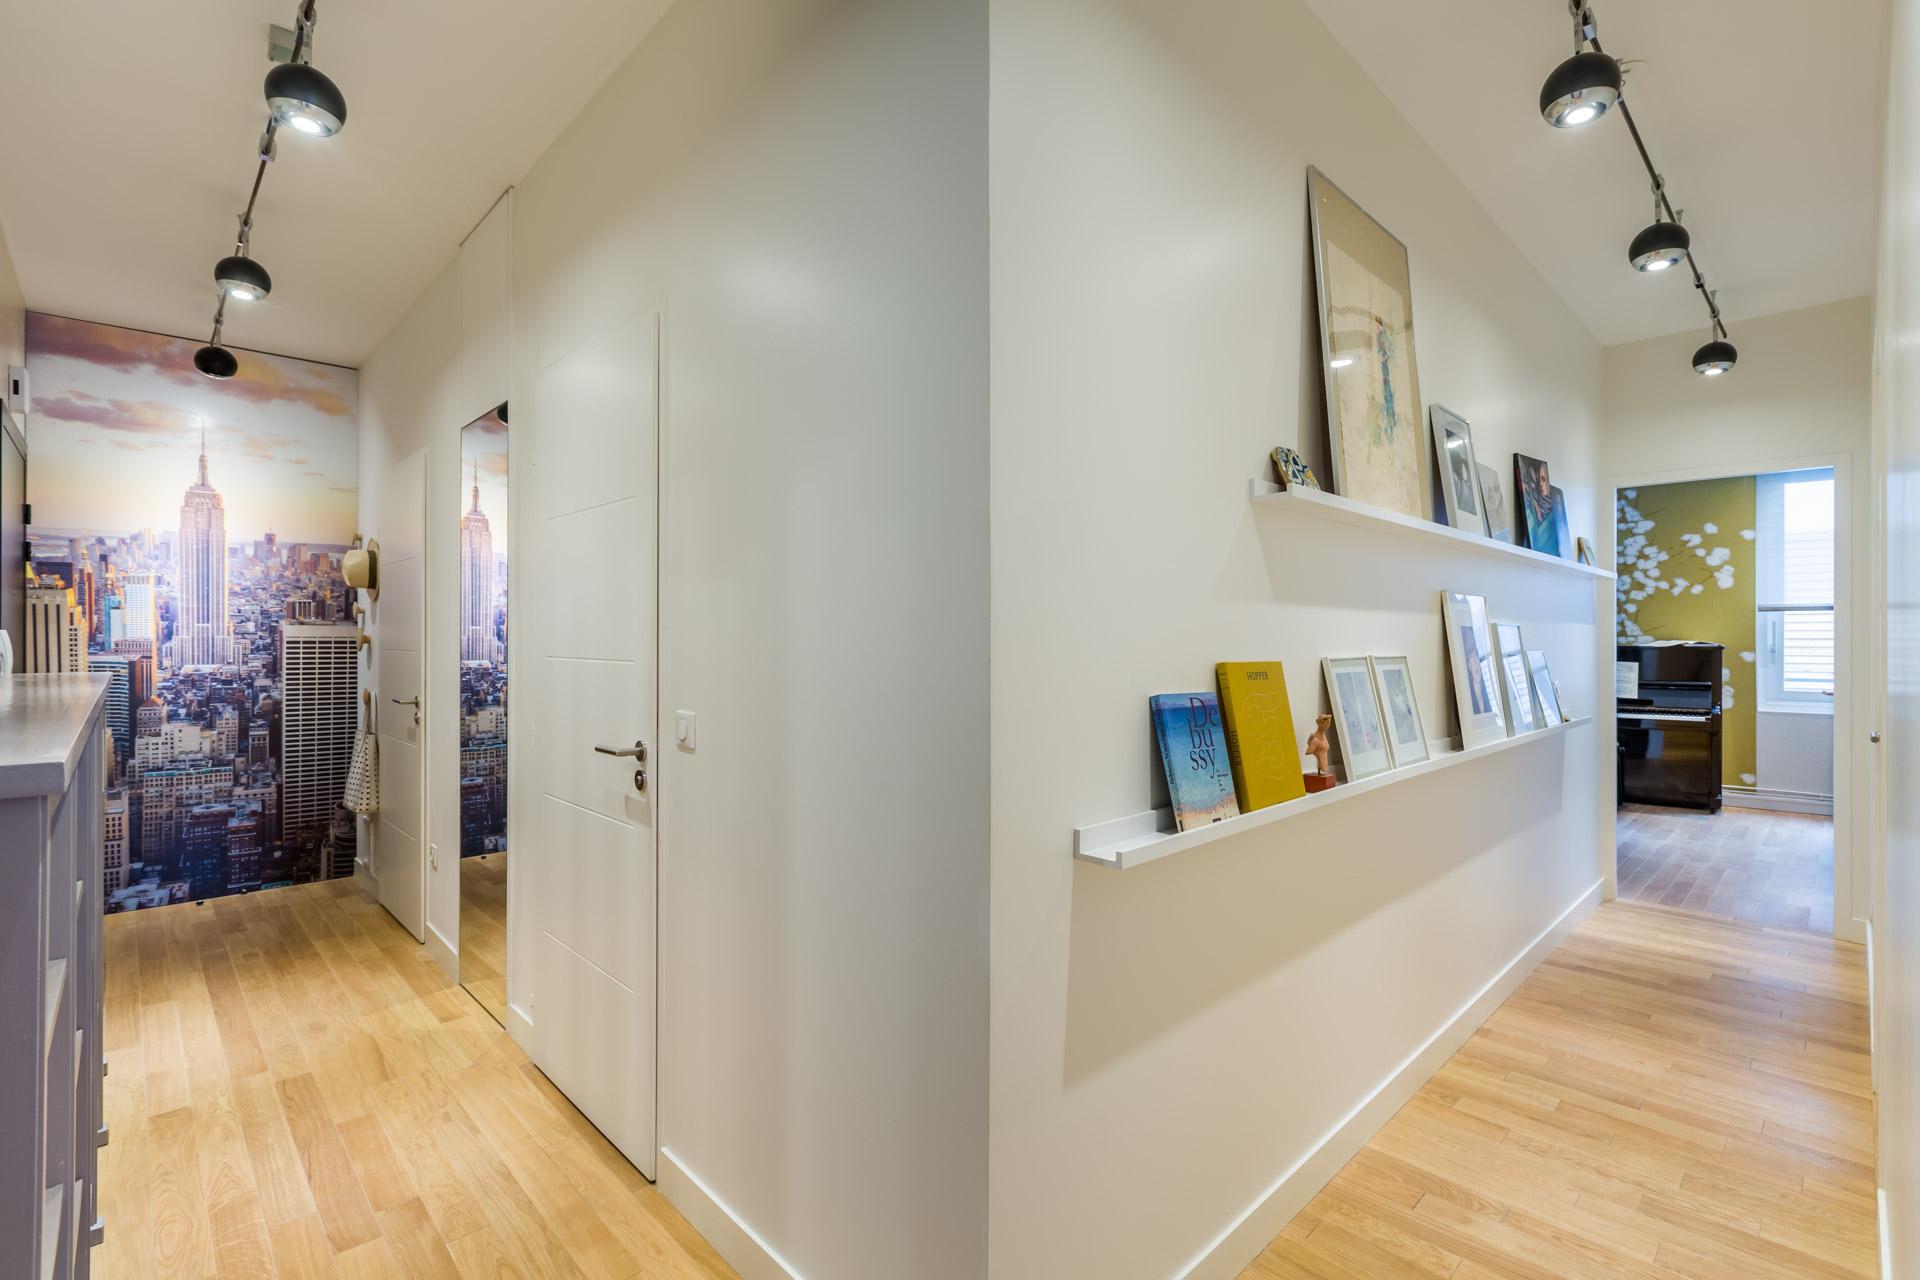 Chambre Couleur Vert Amande : Décoration d un appartement dans le carré cheverus à